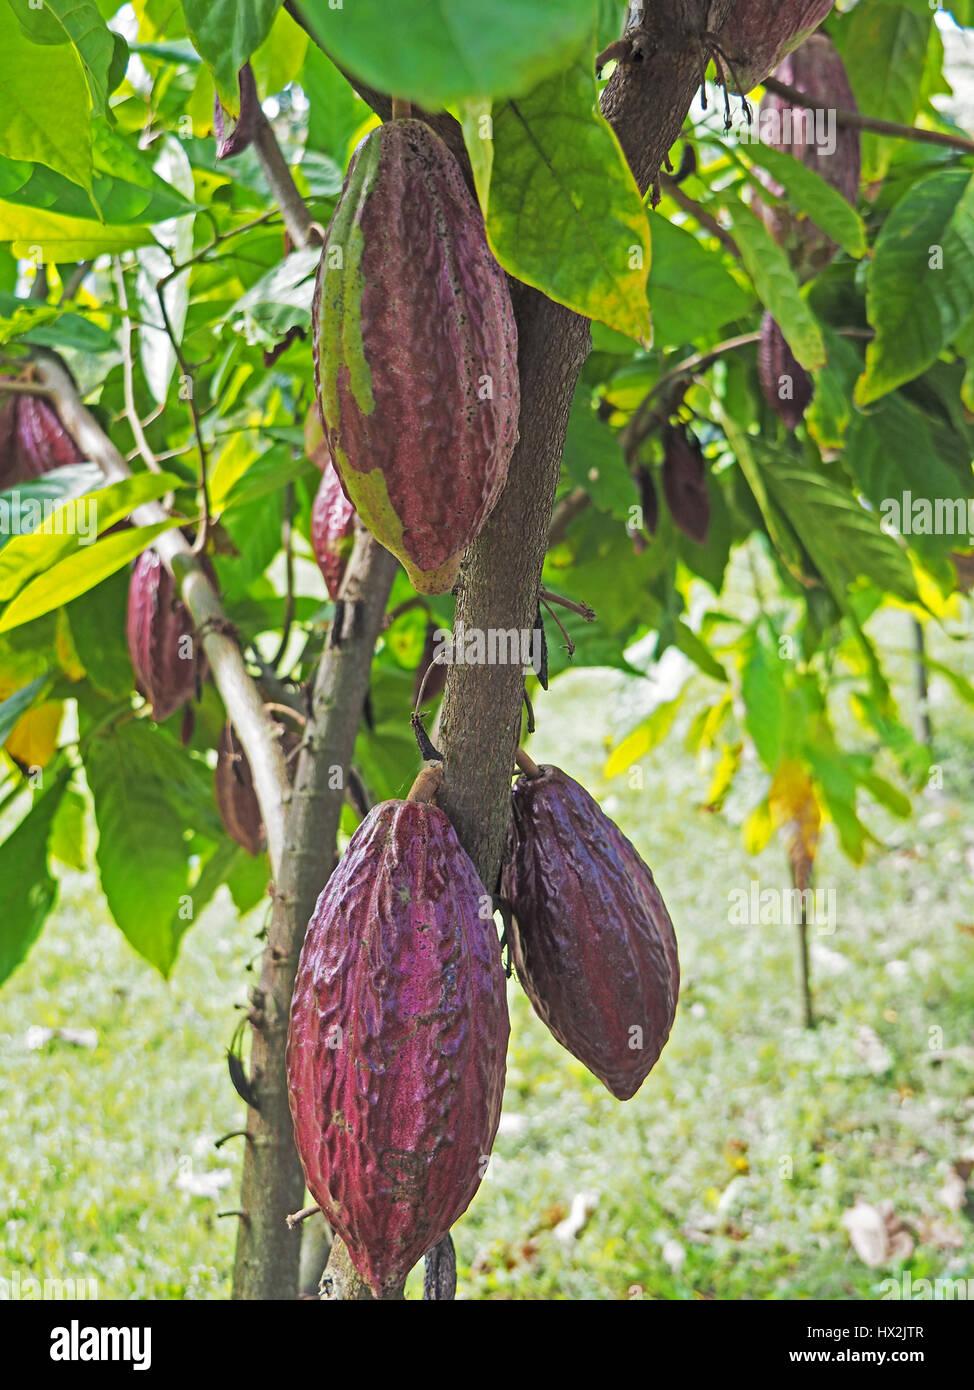 Viola cacao Cialde a donne cooperativa di cioccolato, Chocal, vicino a Puerto Plata, Repubblica Dominicana. Immagini Stock